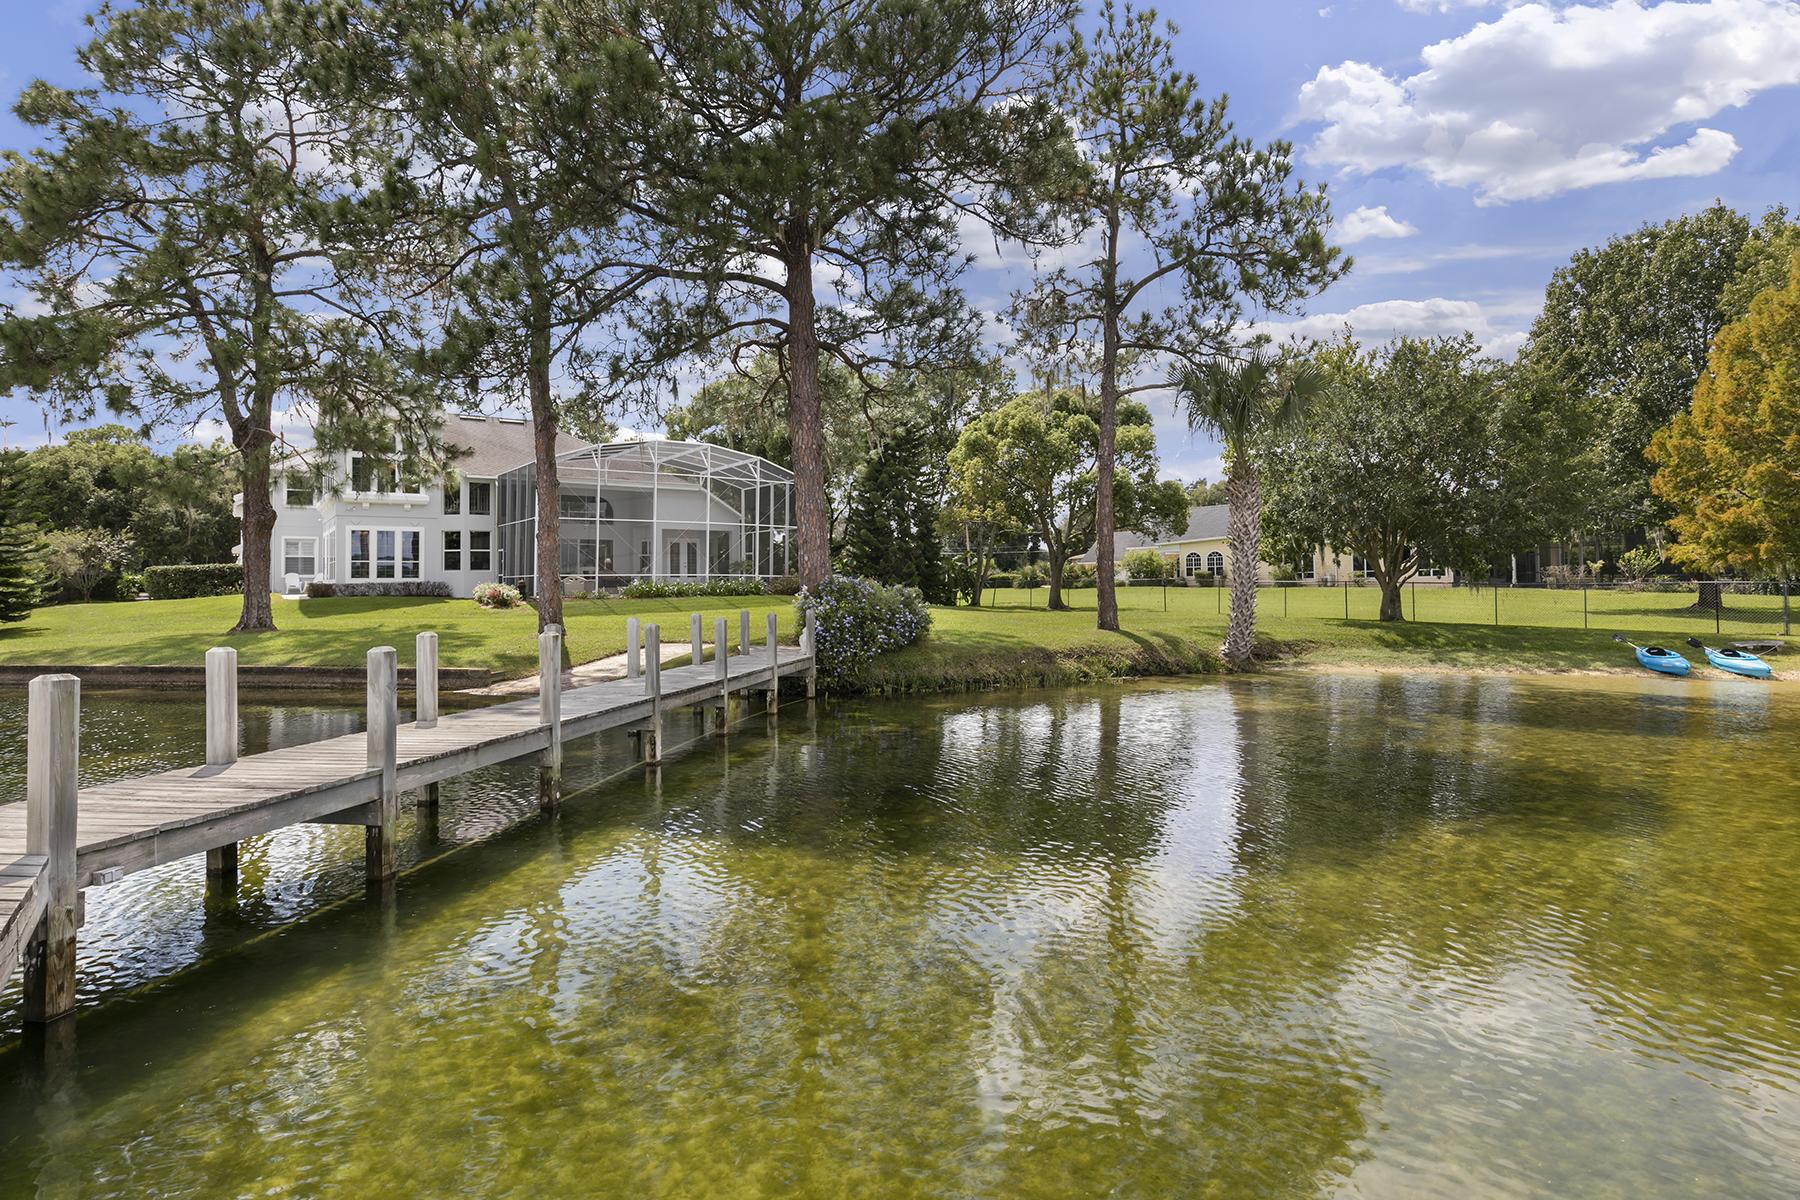 Casa Unifamiliar por un Venta en ORLANDO - MOUNT DORA 4545 Sloewood Dr Mount Dora, Florida, 32757 Estados Unidos